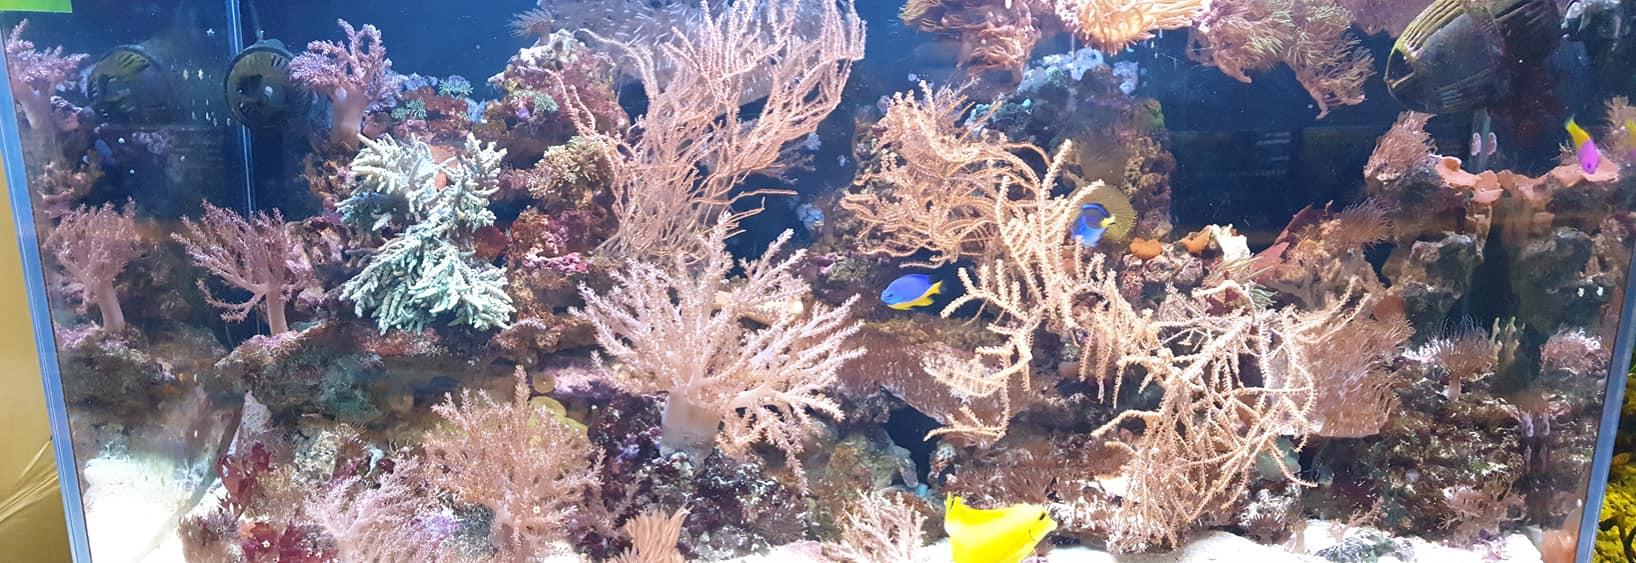 akwarium morskie Legionowo Sobieskiego ZooNemo